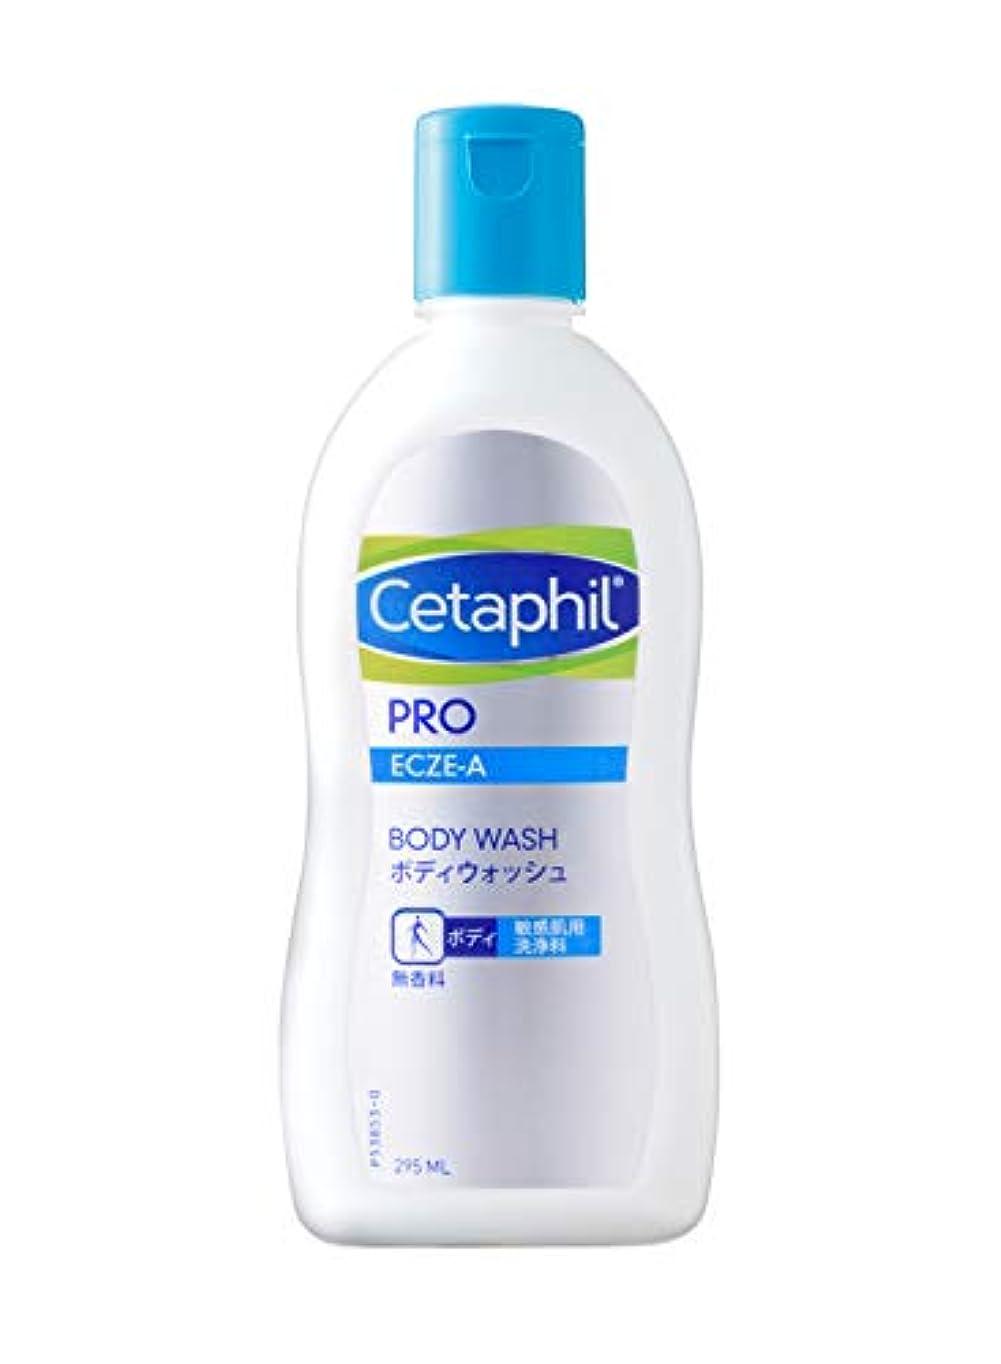 流す口ひげ部族セタフィル Cetaphil ® PRO ボディウォッシュ 295ml (敏感肌用洗浄料 ボディソープ 乾燥肌 敏感肌 低刺激性 洗浄料)